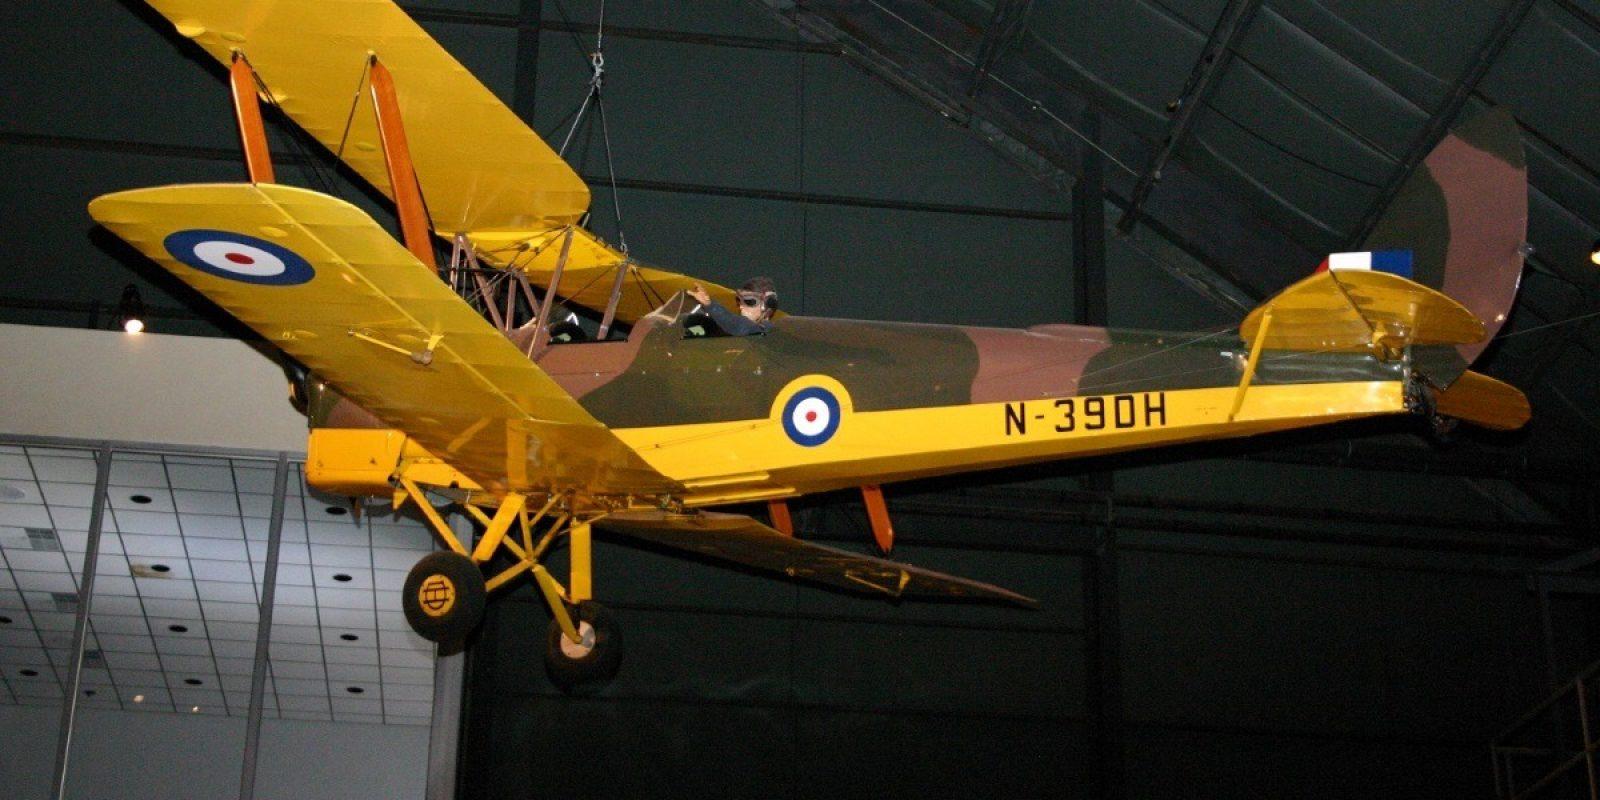 De Tiger Moth ex-OO-NCN in februari 2007 gefotografeerd in het National Museum of the U.S. Air Force. (Foto Guy Viselé)